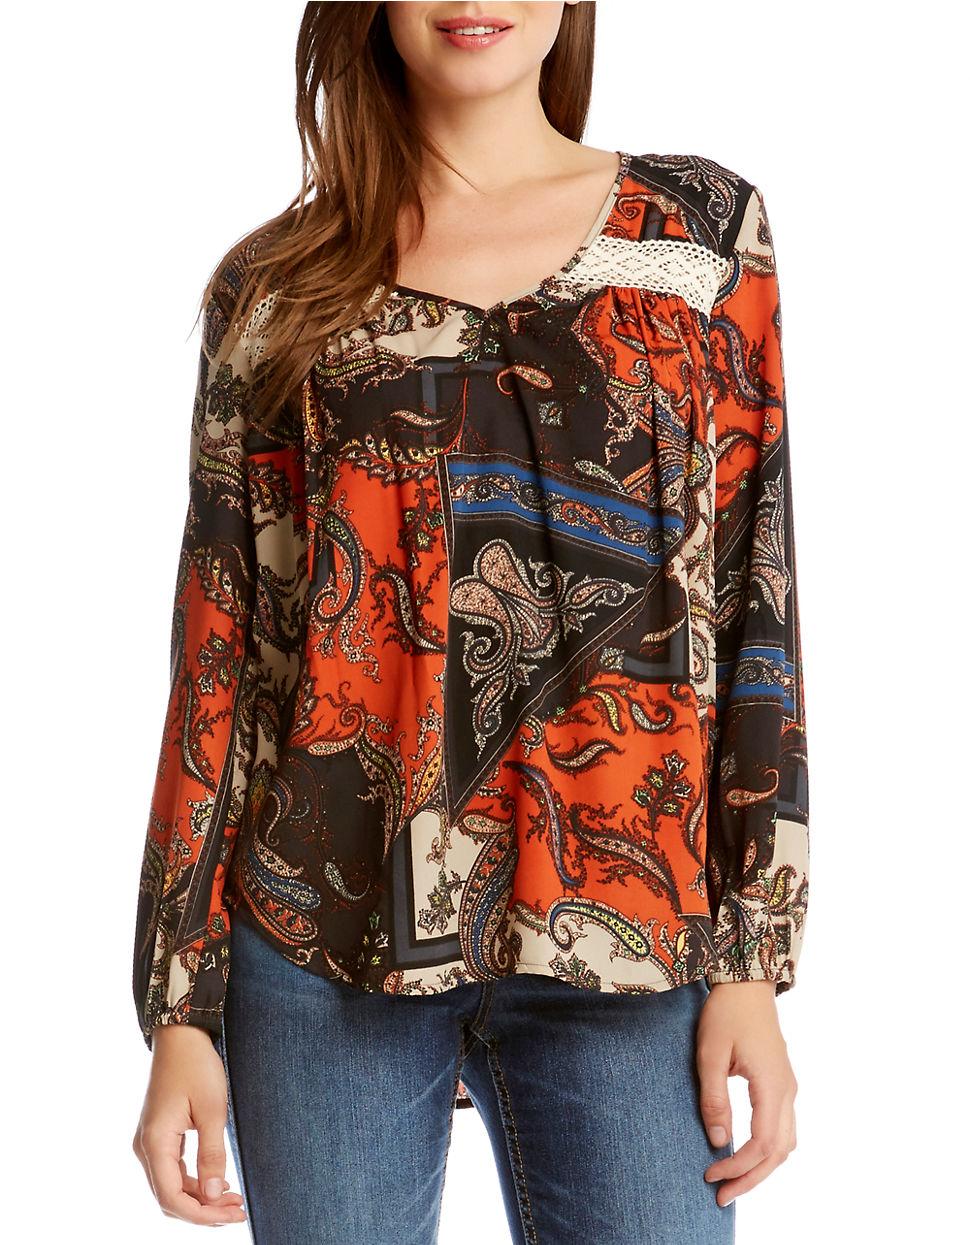 Karen Millen Lace Print Blouse 78